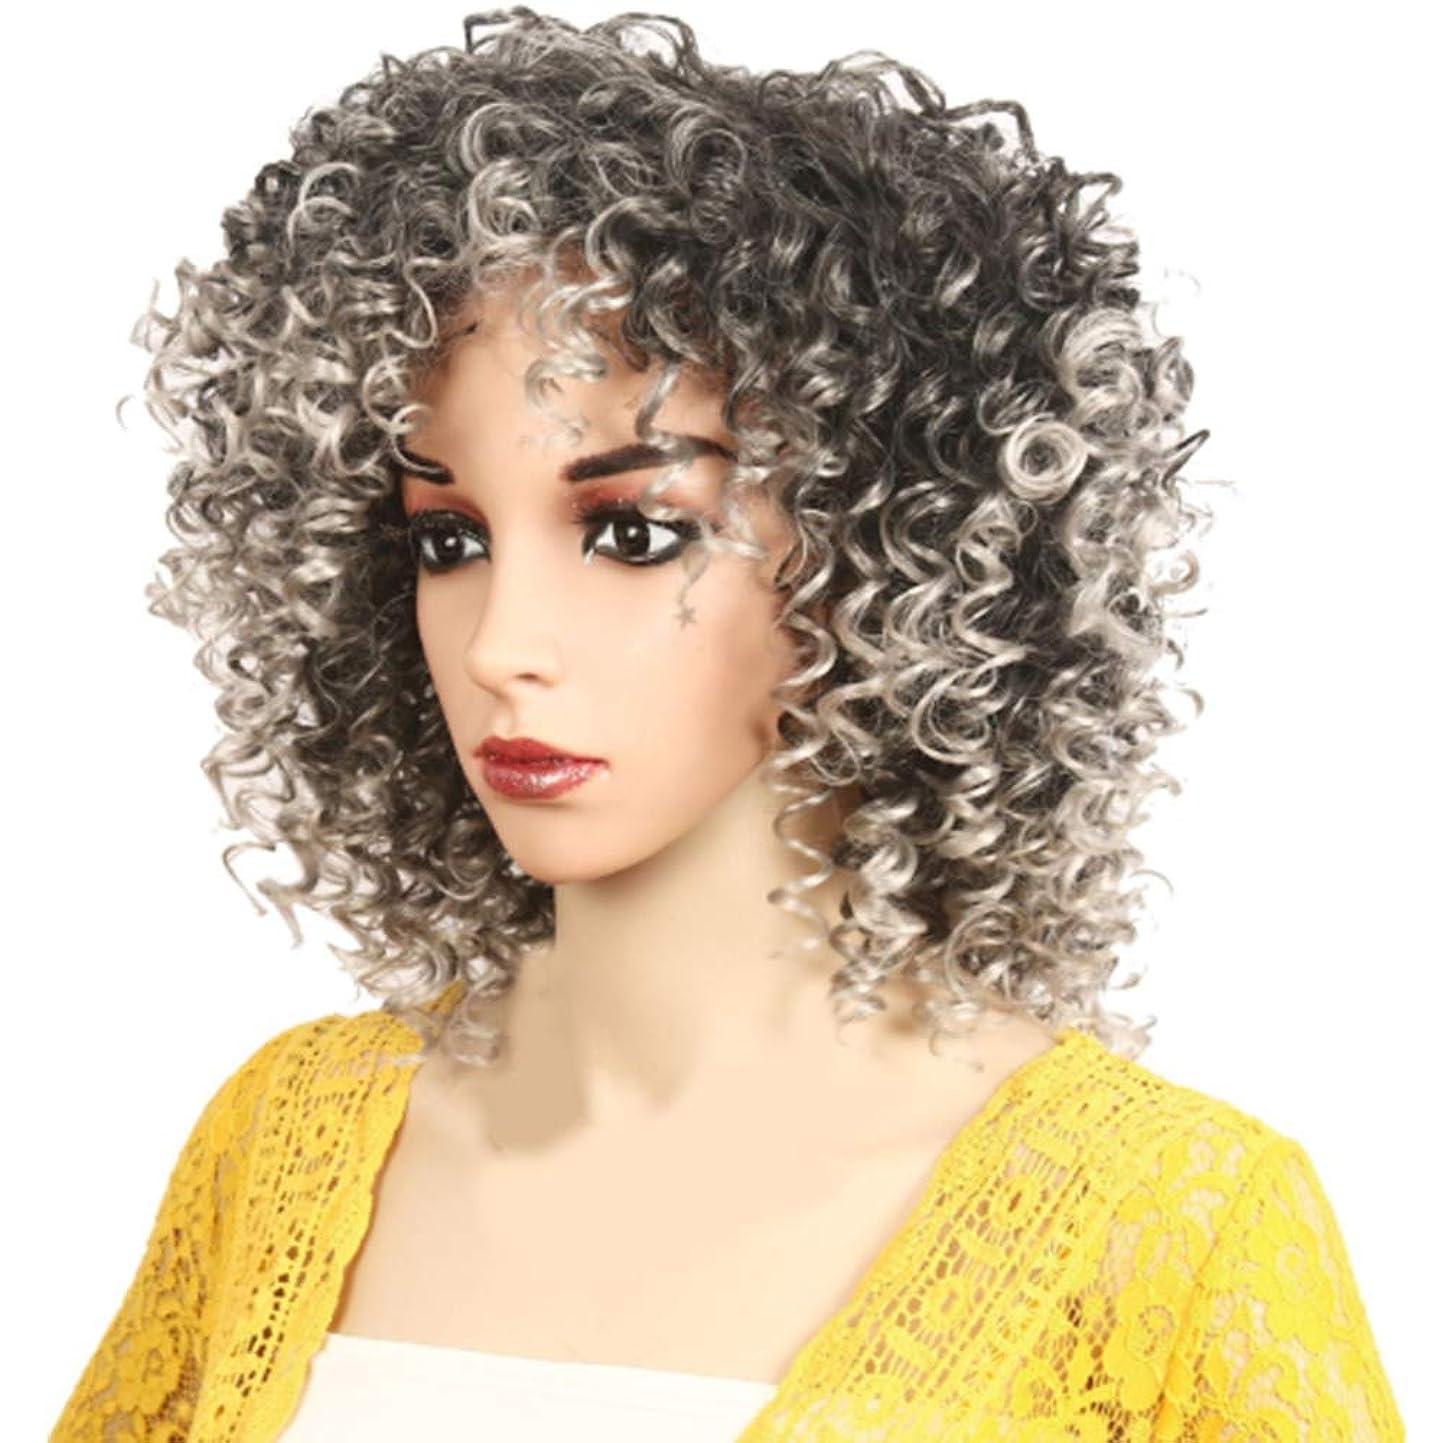 年届ける流星アフリカの黒人女性のかつら短い巻き毛のかつらふわふわ自然は低温二次形状で矯正することができます,Gray